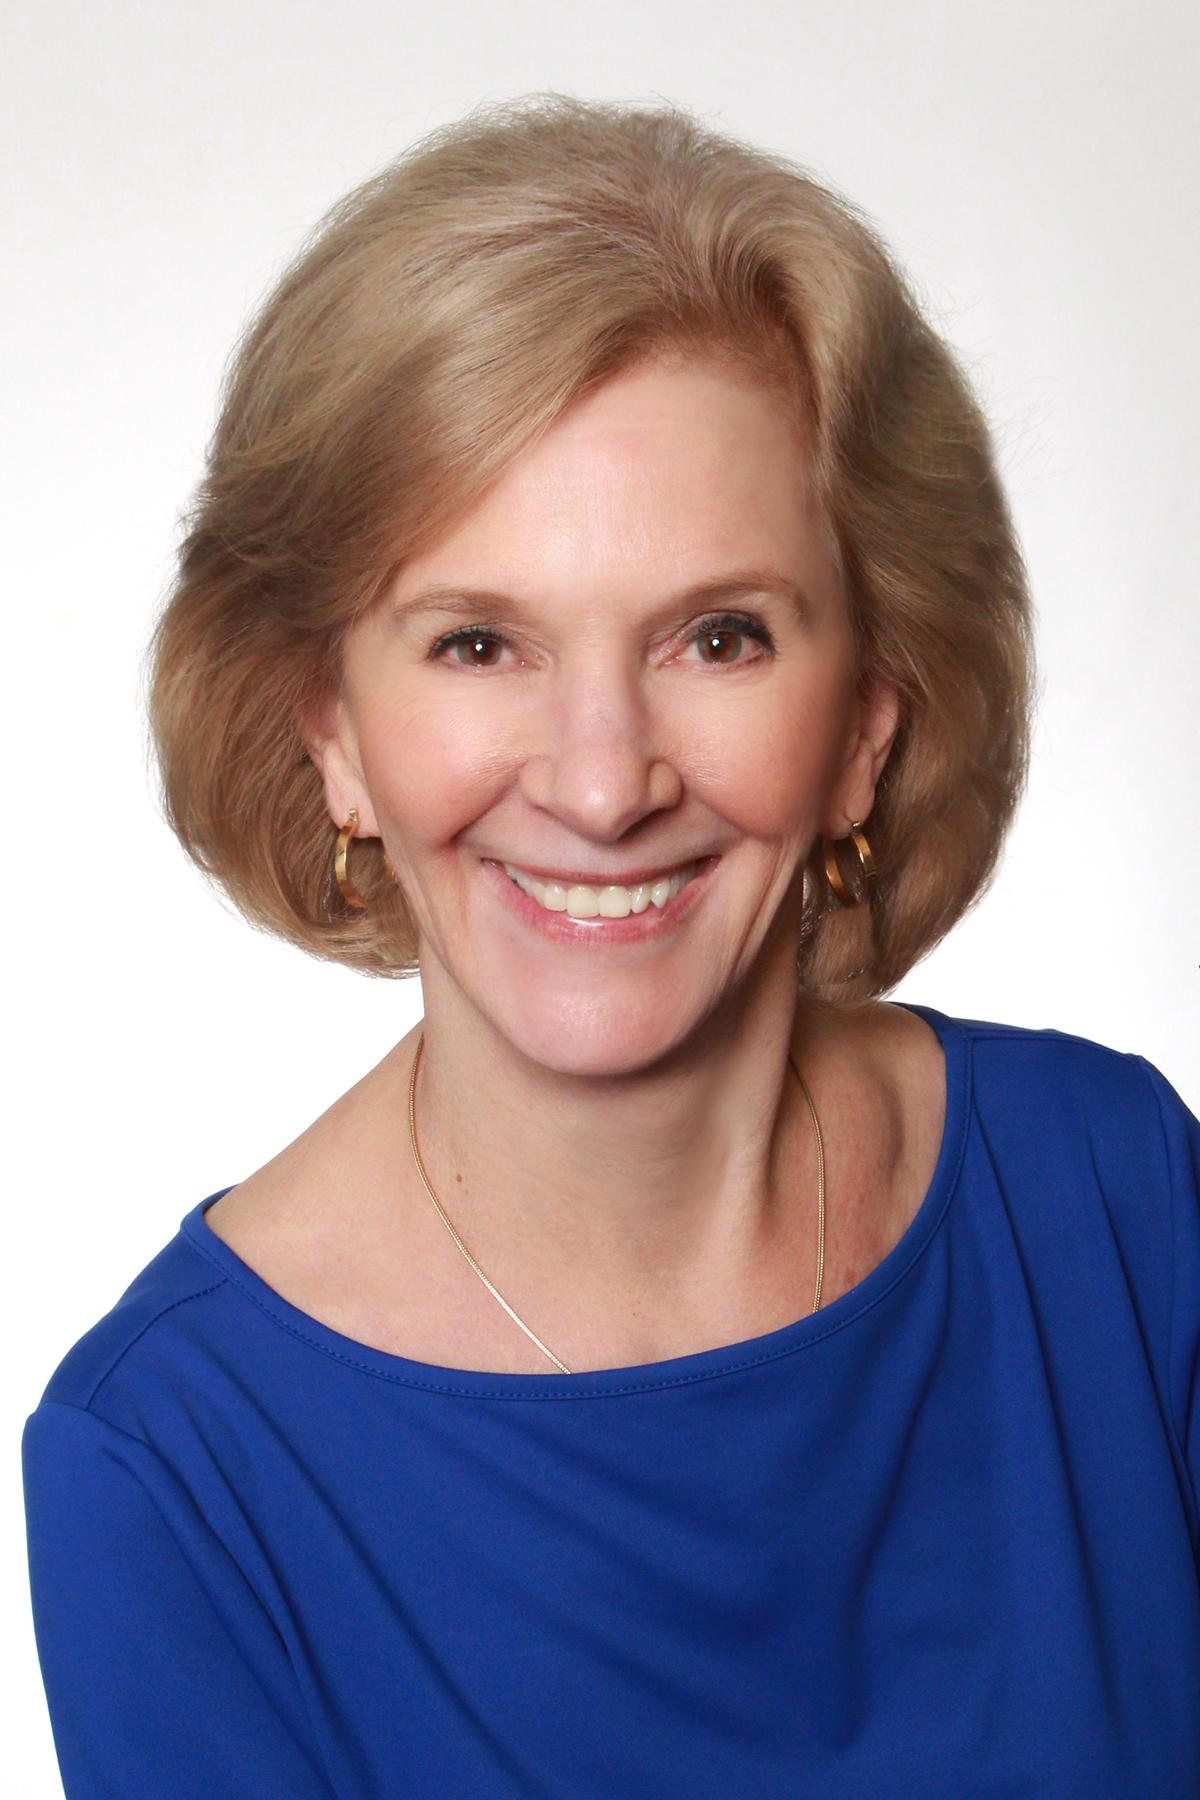 Kathy L. Schroder